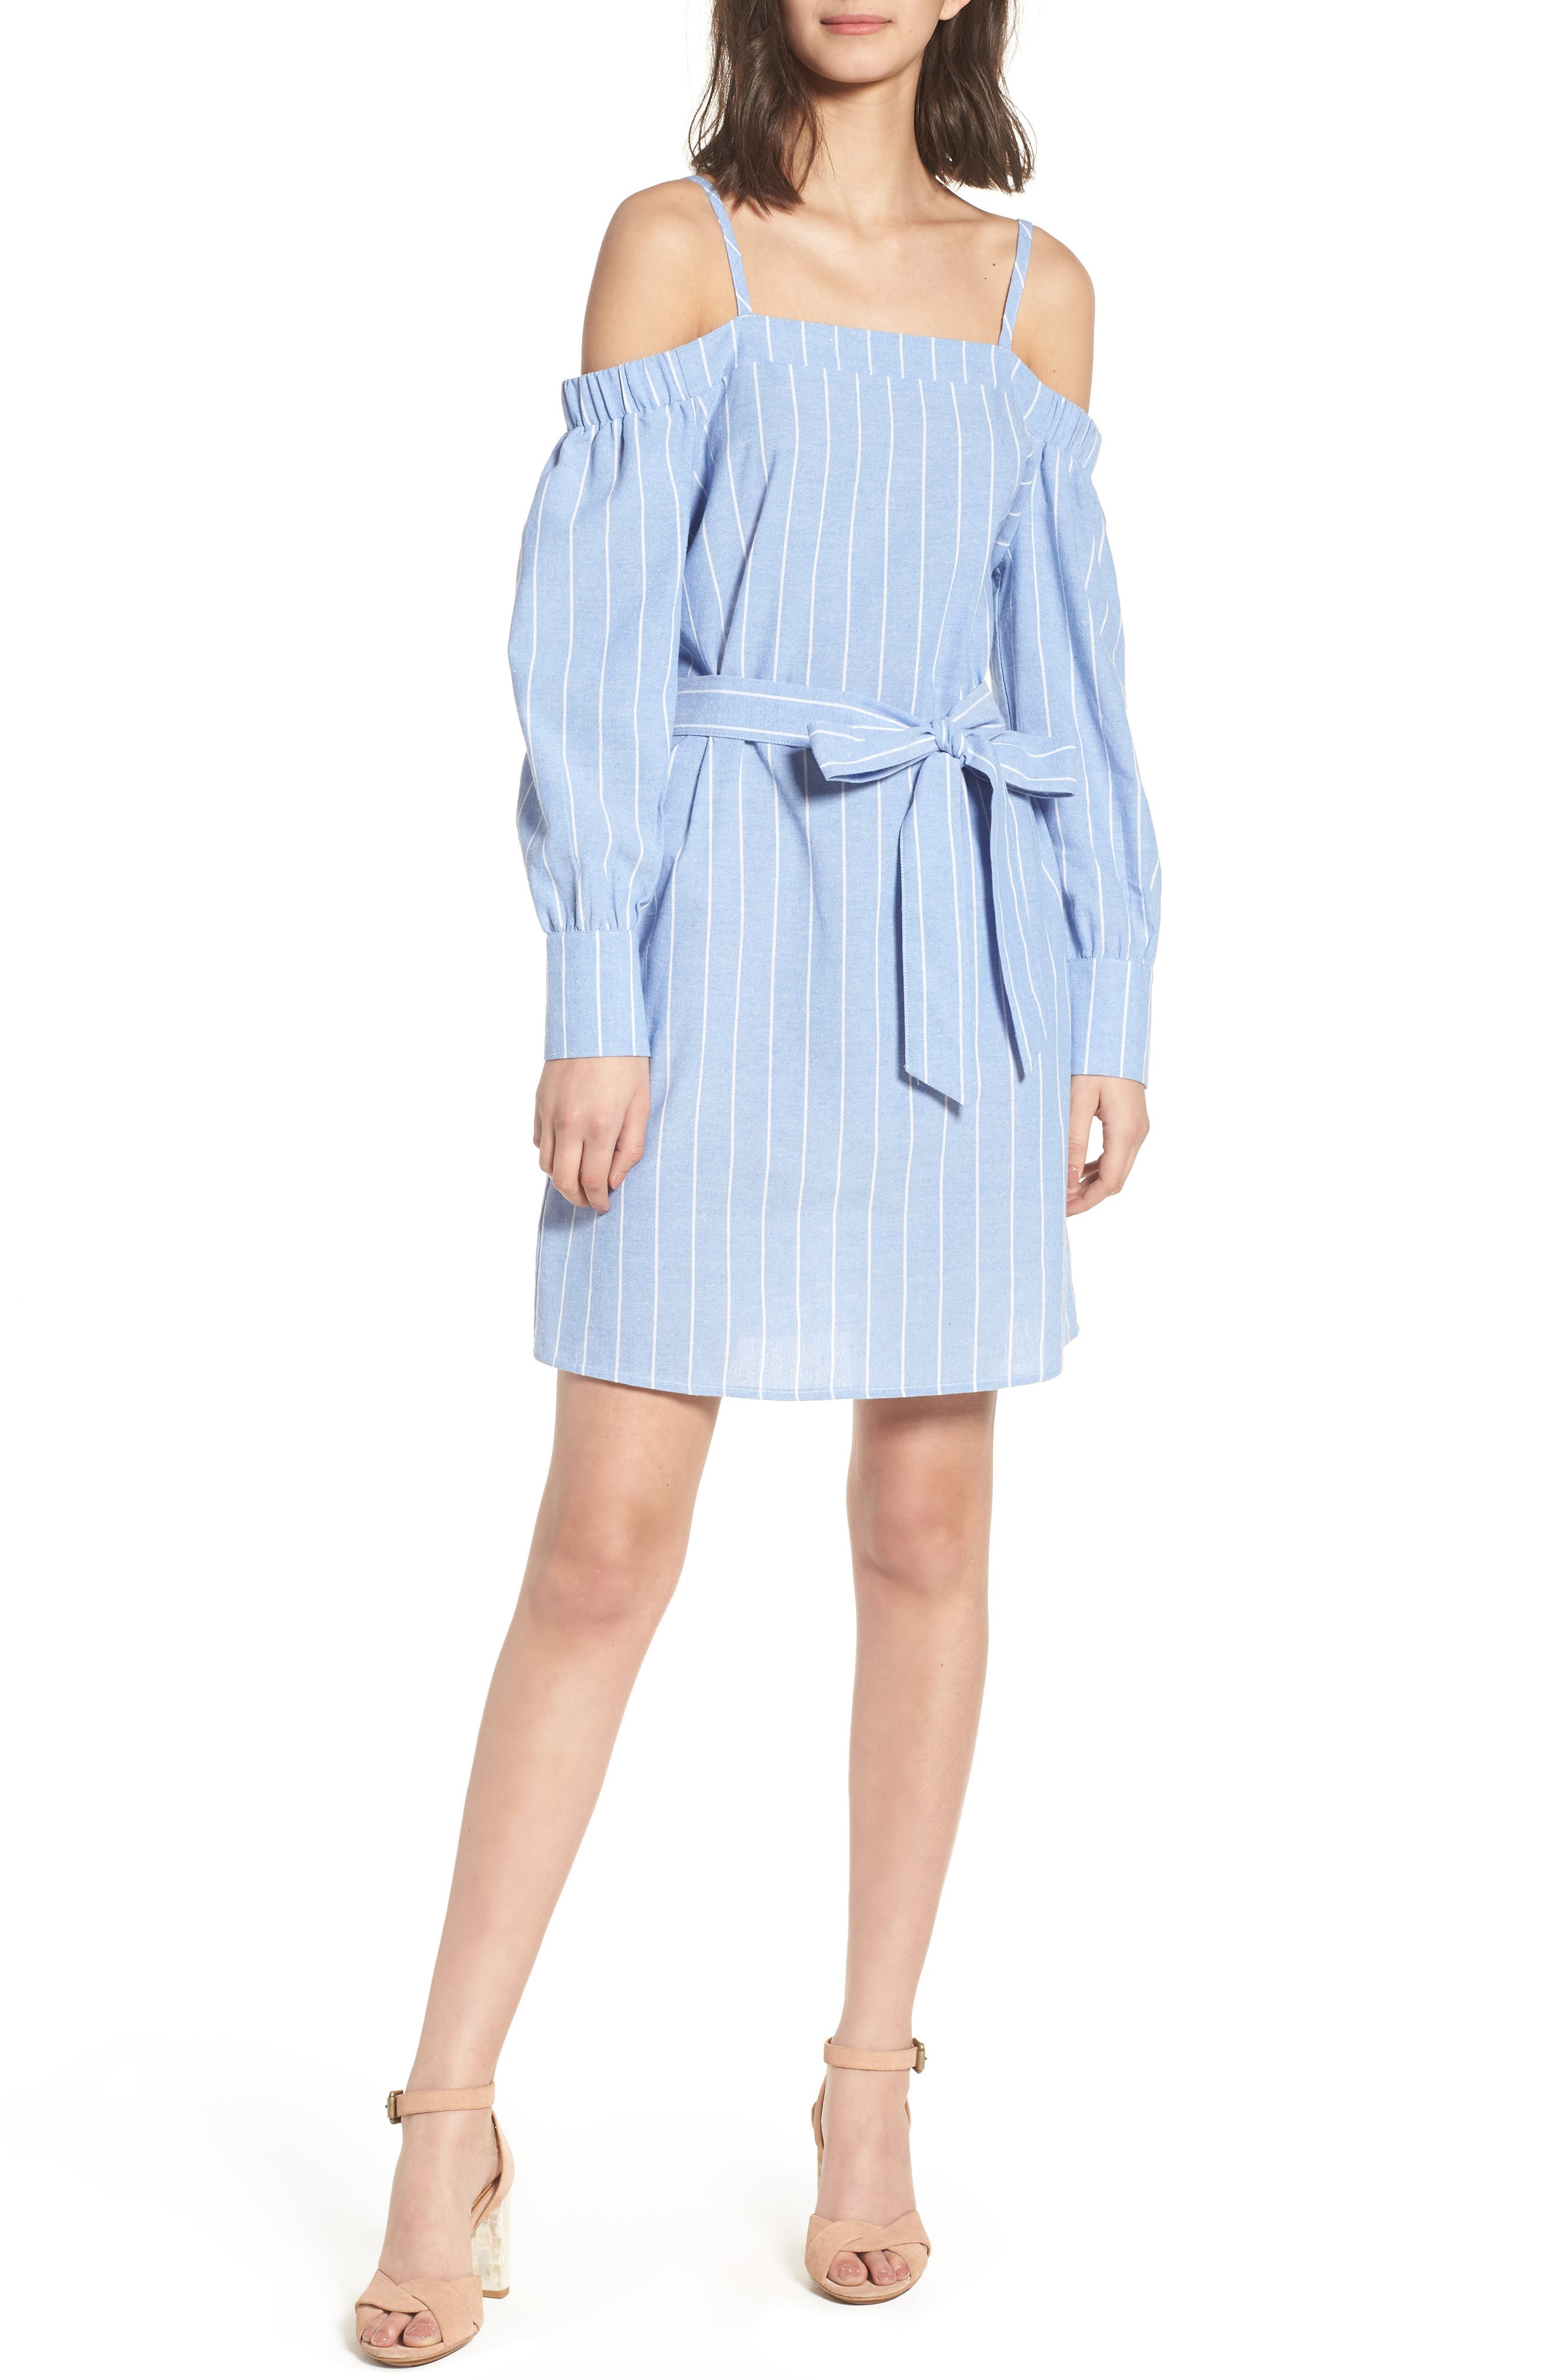 Bishop + Young Chrissy Cold Shoulder Dress,                         Main,                         color, 400